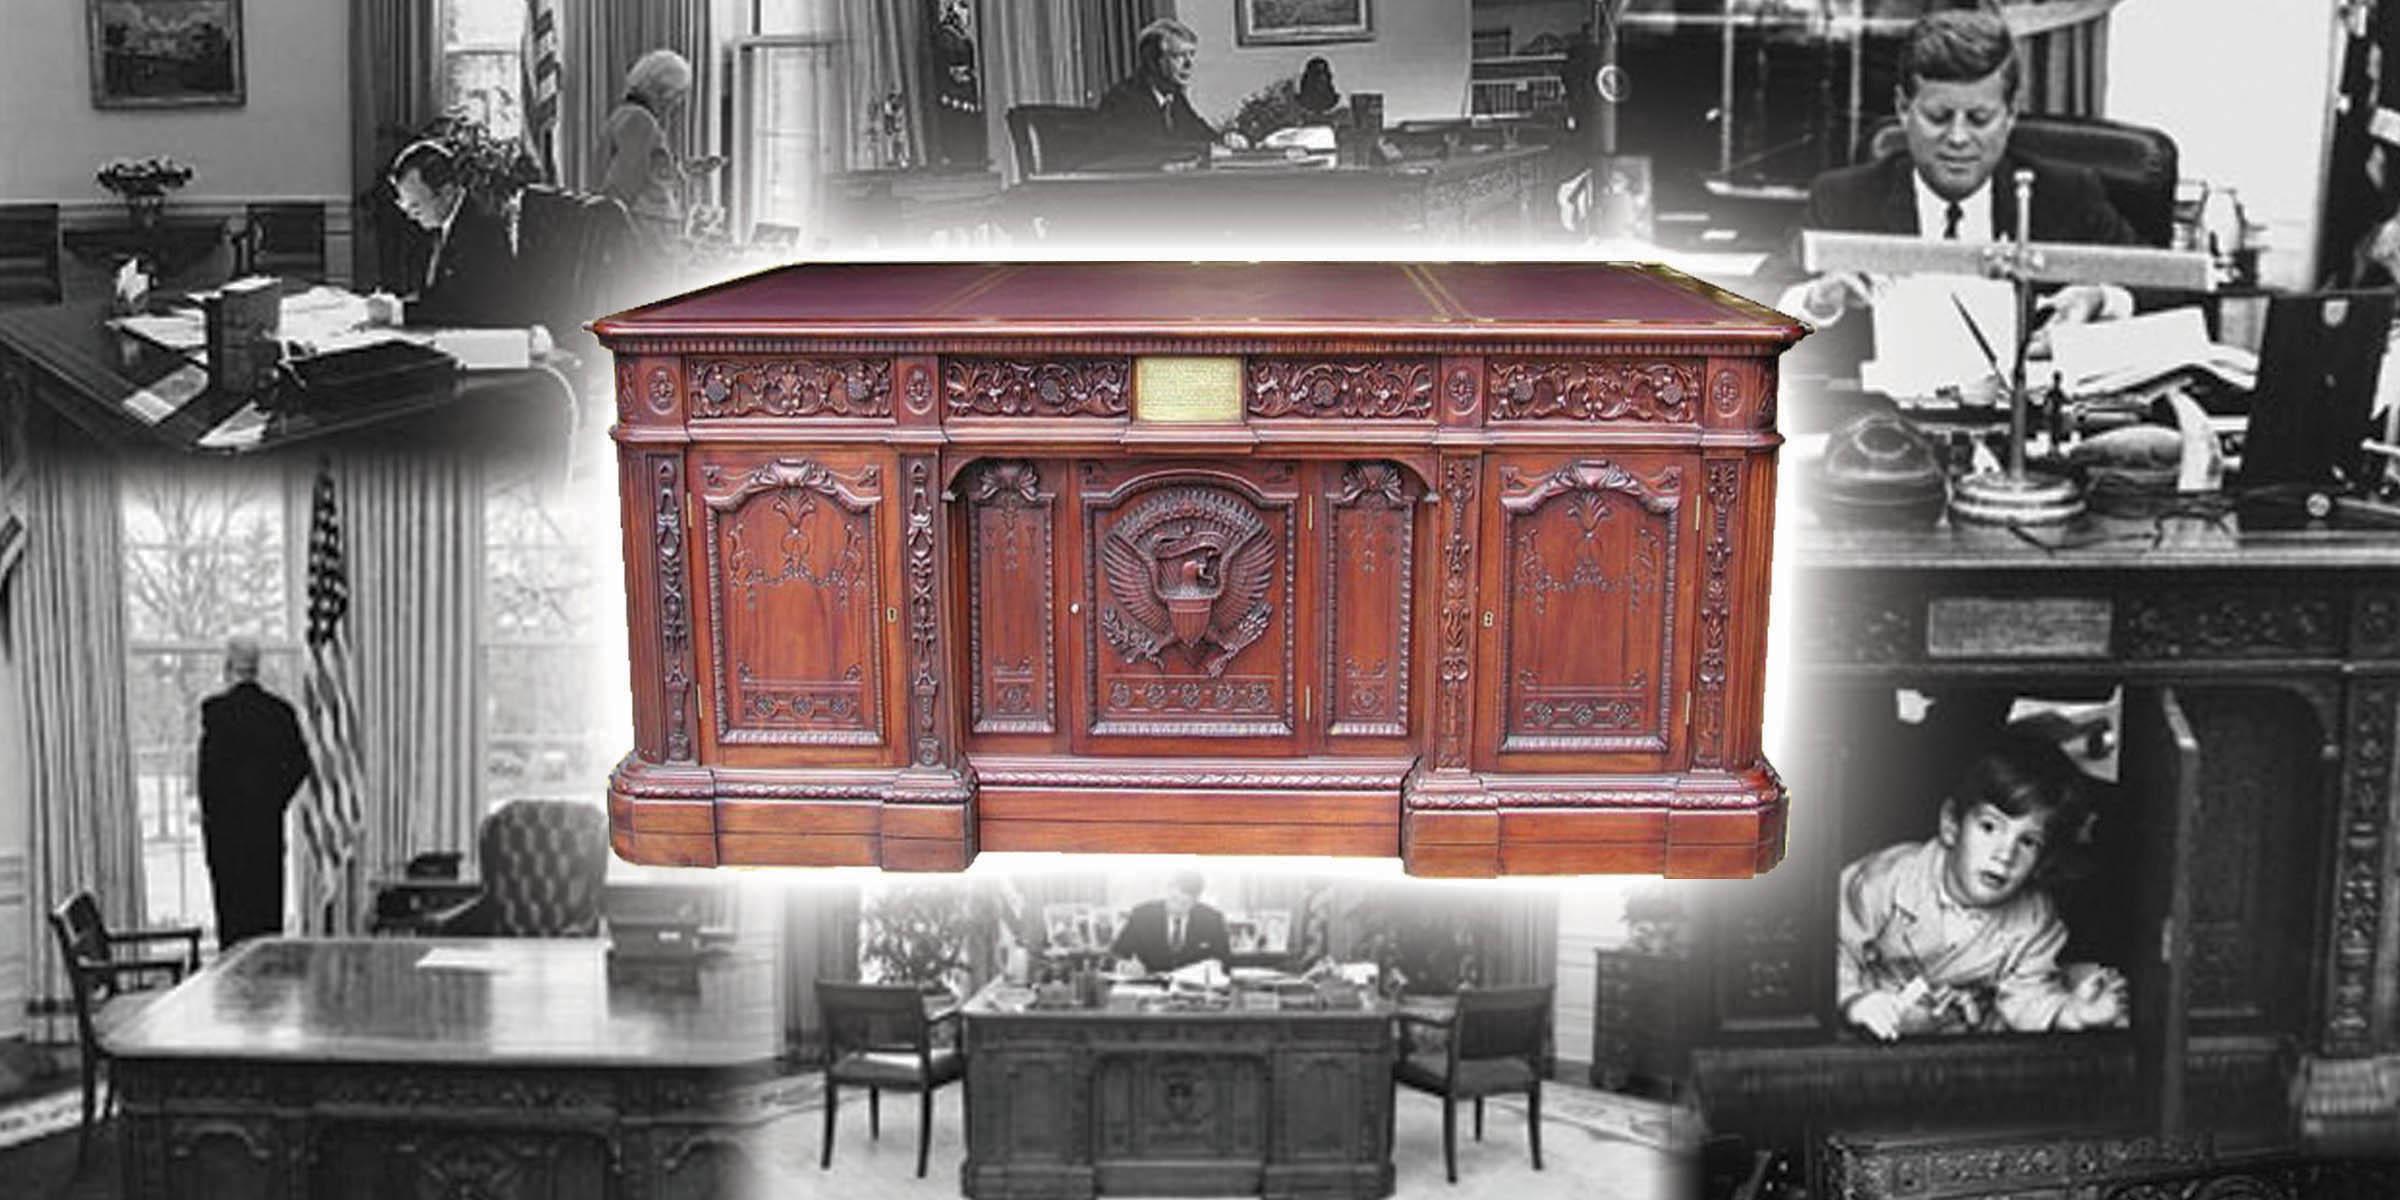 Lot Detail White House Presidential Desk Replica Based